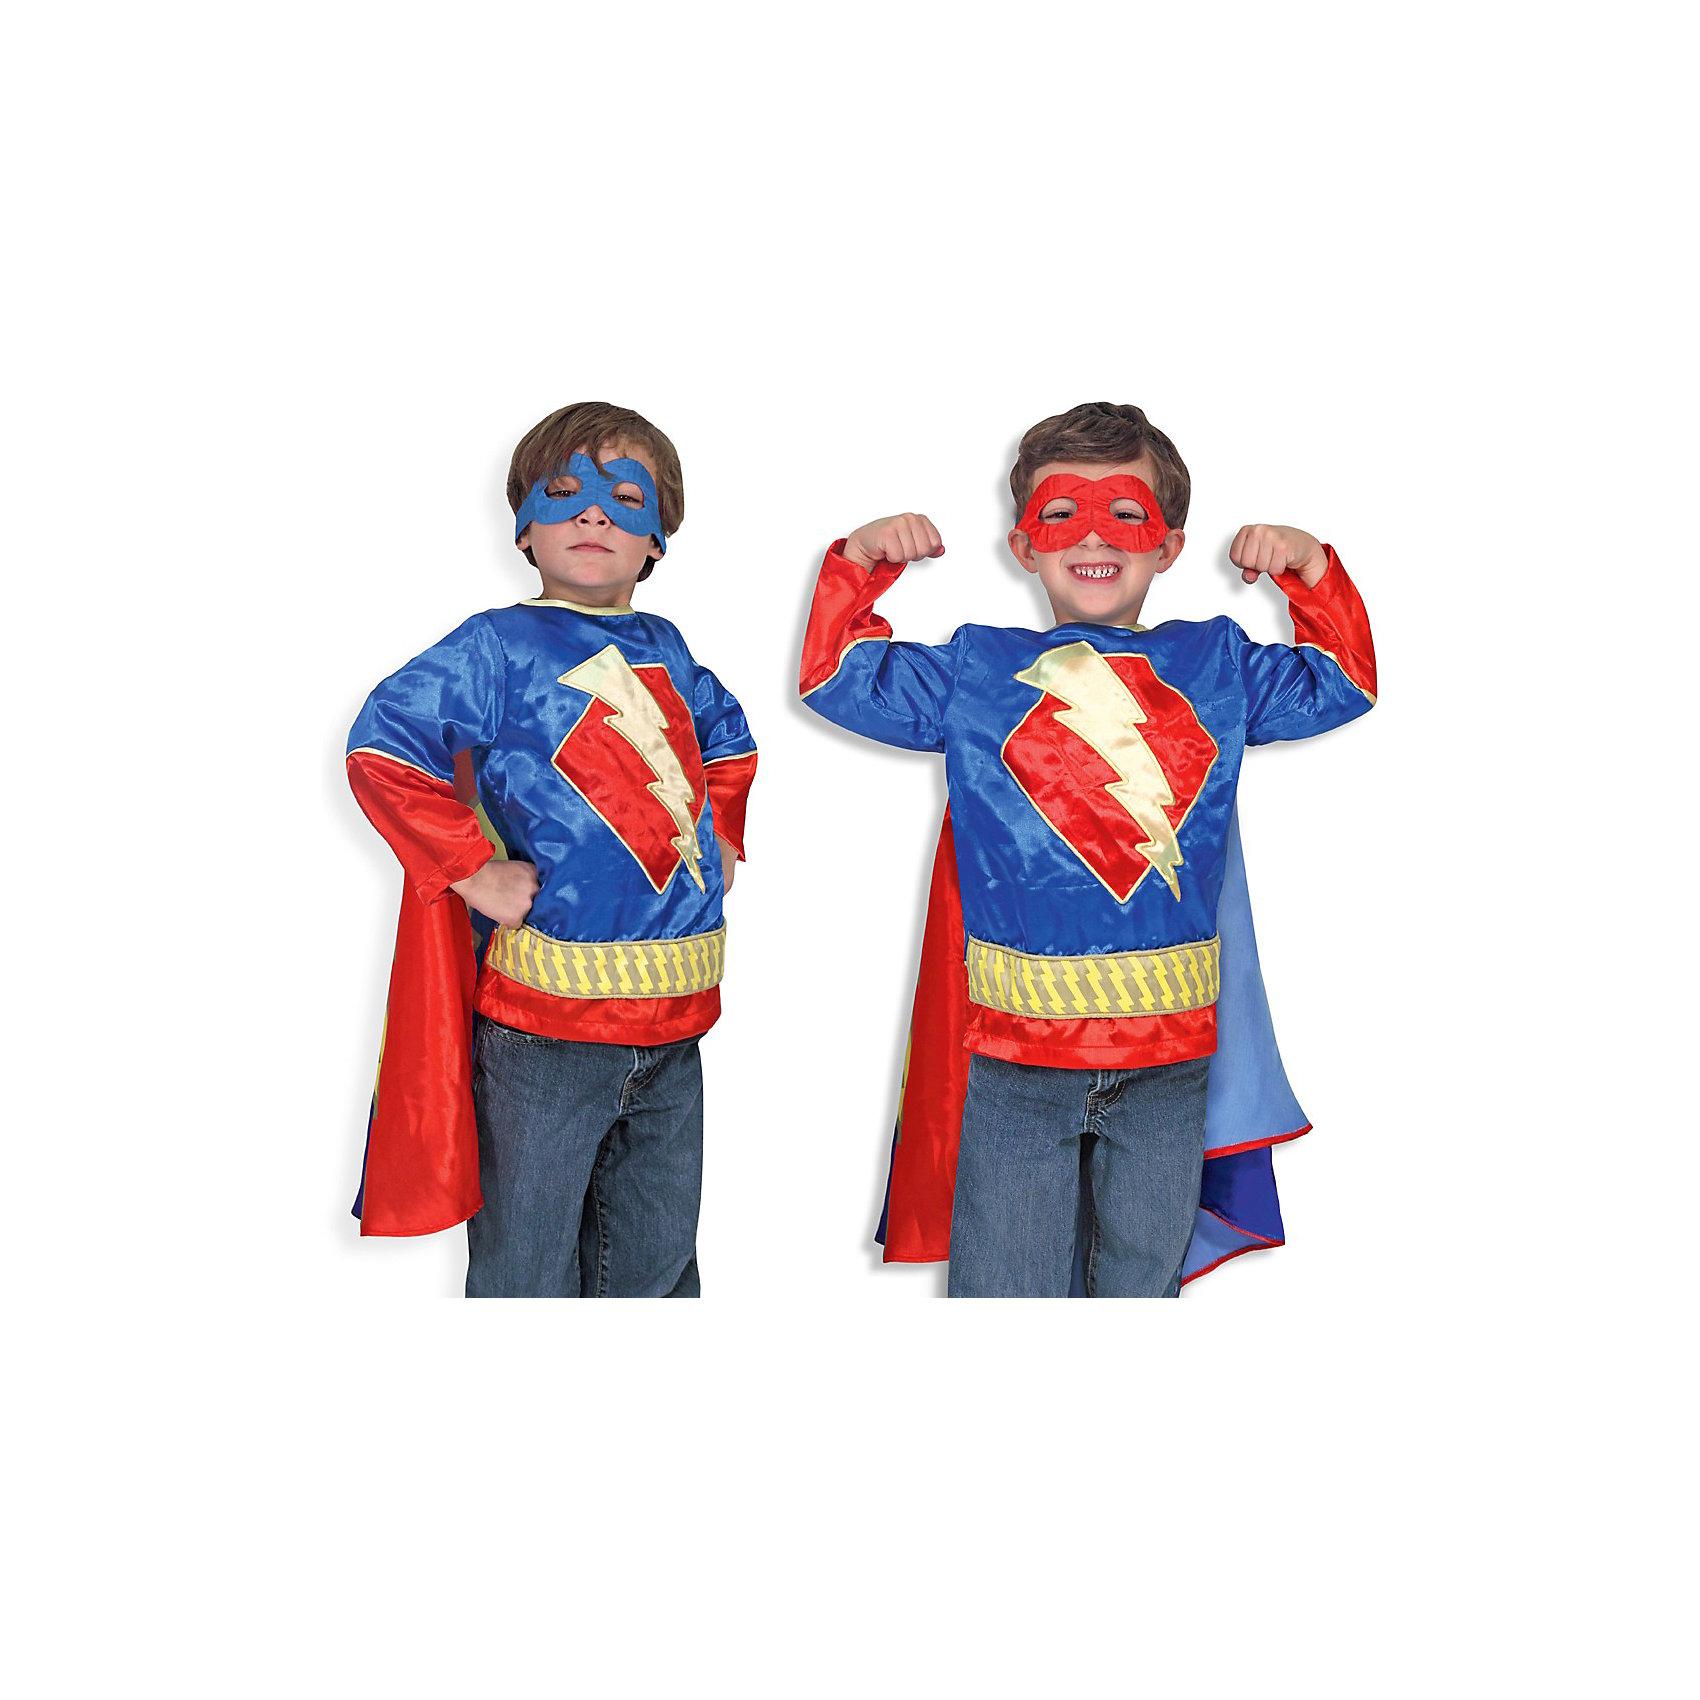 Карнавальный костюм  Супер-Герой, Melissa &amp; DougДети обожают комиксы и перевоплощения! Подарите Вашему мальчику карнавальный костюм Супер-Герой, Melissa &amp; Doug и счастью не будет предела. Пираты и злодеи расступаются, когда на арену выступает Супергерой! Он смотрит на все проблемы через двуцветную полумаску и приходит на помощь всем слабым. При этом за ним так красиво развевается сине - полосатый плащ.  Карнавальный костюм Супер-Герой прекрасно подойдет  для мальчика 3-6 лет. Он будет хитом утренника в саду, новогодней вечеринки и забавной фотосессии. Подарите ребенку часы безграничной фантазии и суперсилы в костюме Супер-Герой, Melissa &amp; Doug !<br><br>Дополнительная информация:<br><br>- Карнавальный костюм для мальчика;<br>- В комплекте: маска, блузка с плащом;<br>- Отлично подойдет для праздников, карнавалов, вечеринок;<br>- Необычный костюм;<br>- Красочный дизайн;<br>- Размер упаковки: 45 х 1 х 70 см;<br>- Вес: 589 г<br><br>Карнавальный костюм Супер-Герой, Melissa &amp; Doug  можно купить в нашем интернет-магазине.<br><br>Ширина мм: 450<br>Глубина мм: 10<br>Высота мм: 700<br>Вес г: 589<br>Возраст от месяцев: 36<br>Возраст до месяцев: 72<br>Пол: Мужской<br>Возраст: Детский<br>SKU: 3861964